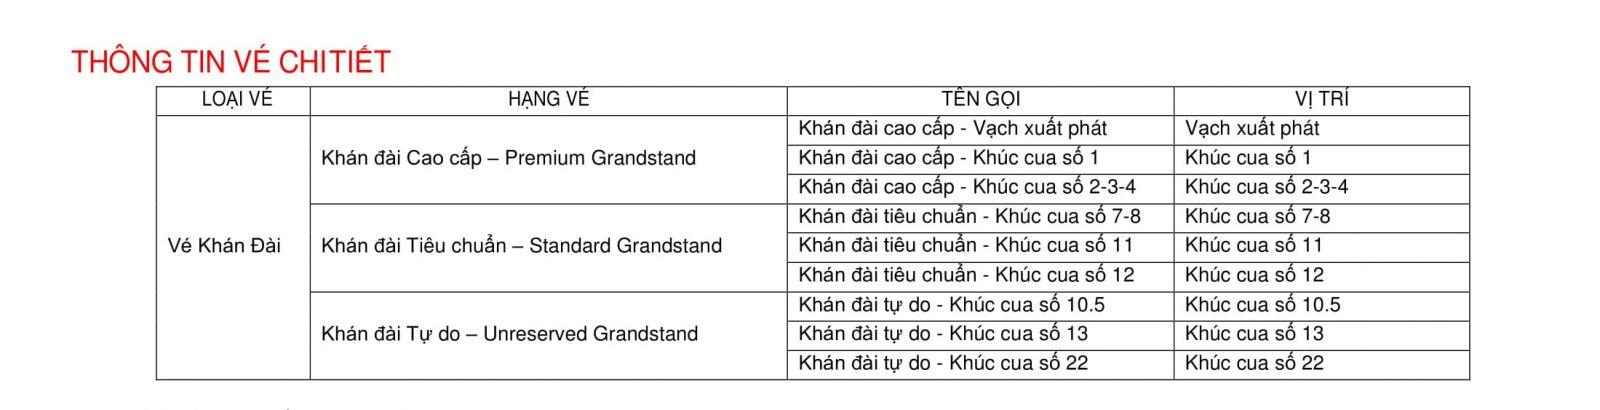 Thông tin về các loại vé khán đài giải đua xe F1 lần đầu tiên tại Việt Nam nam 2020